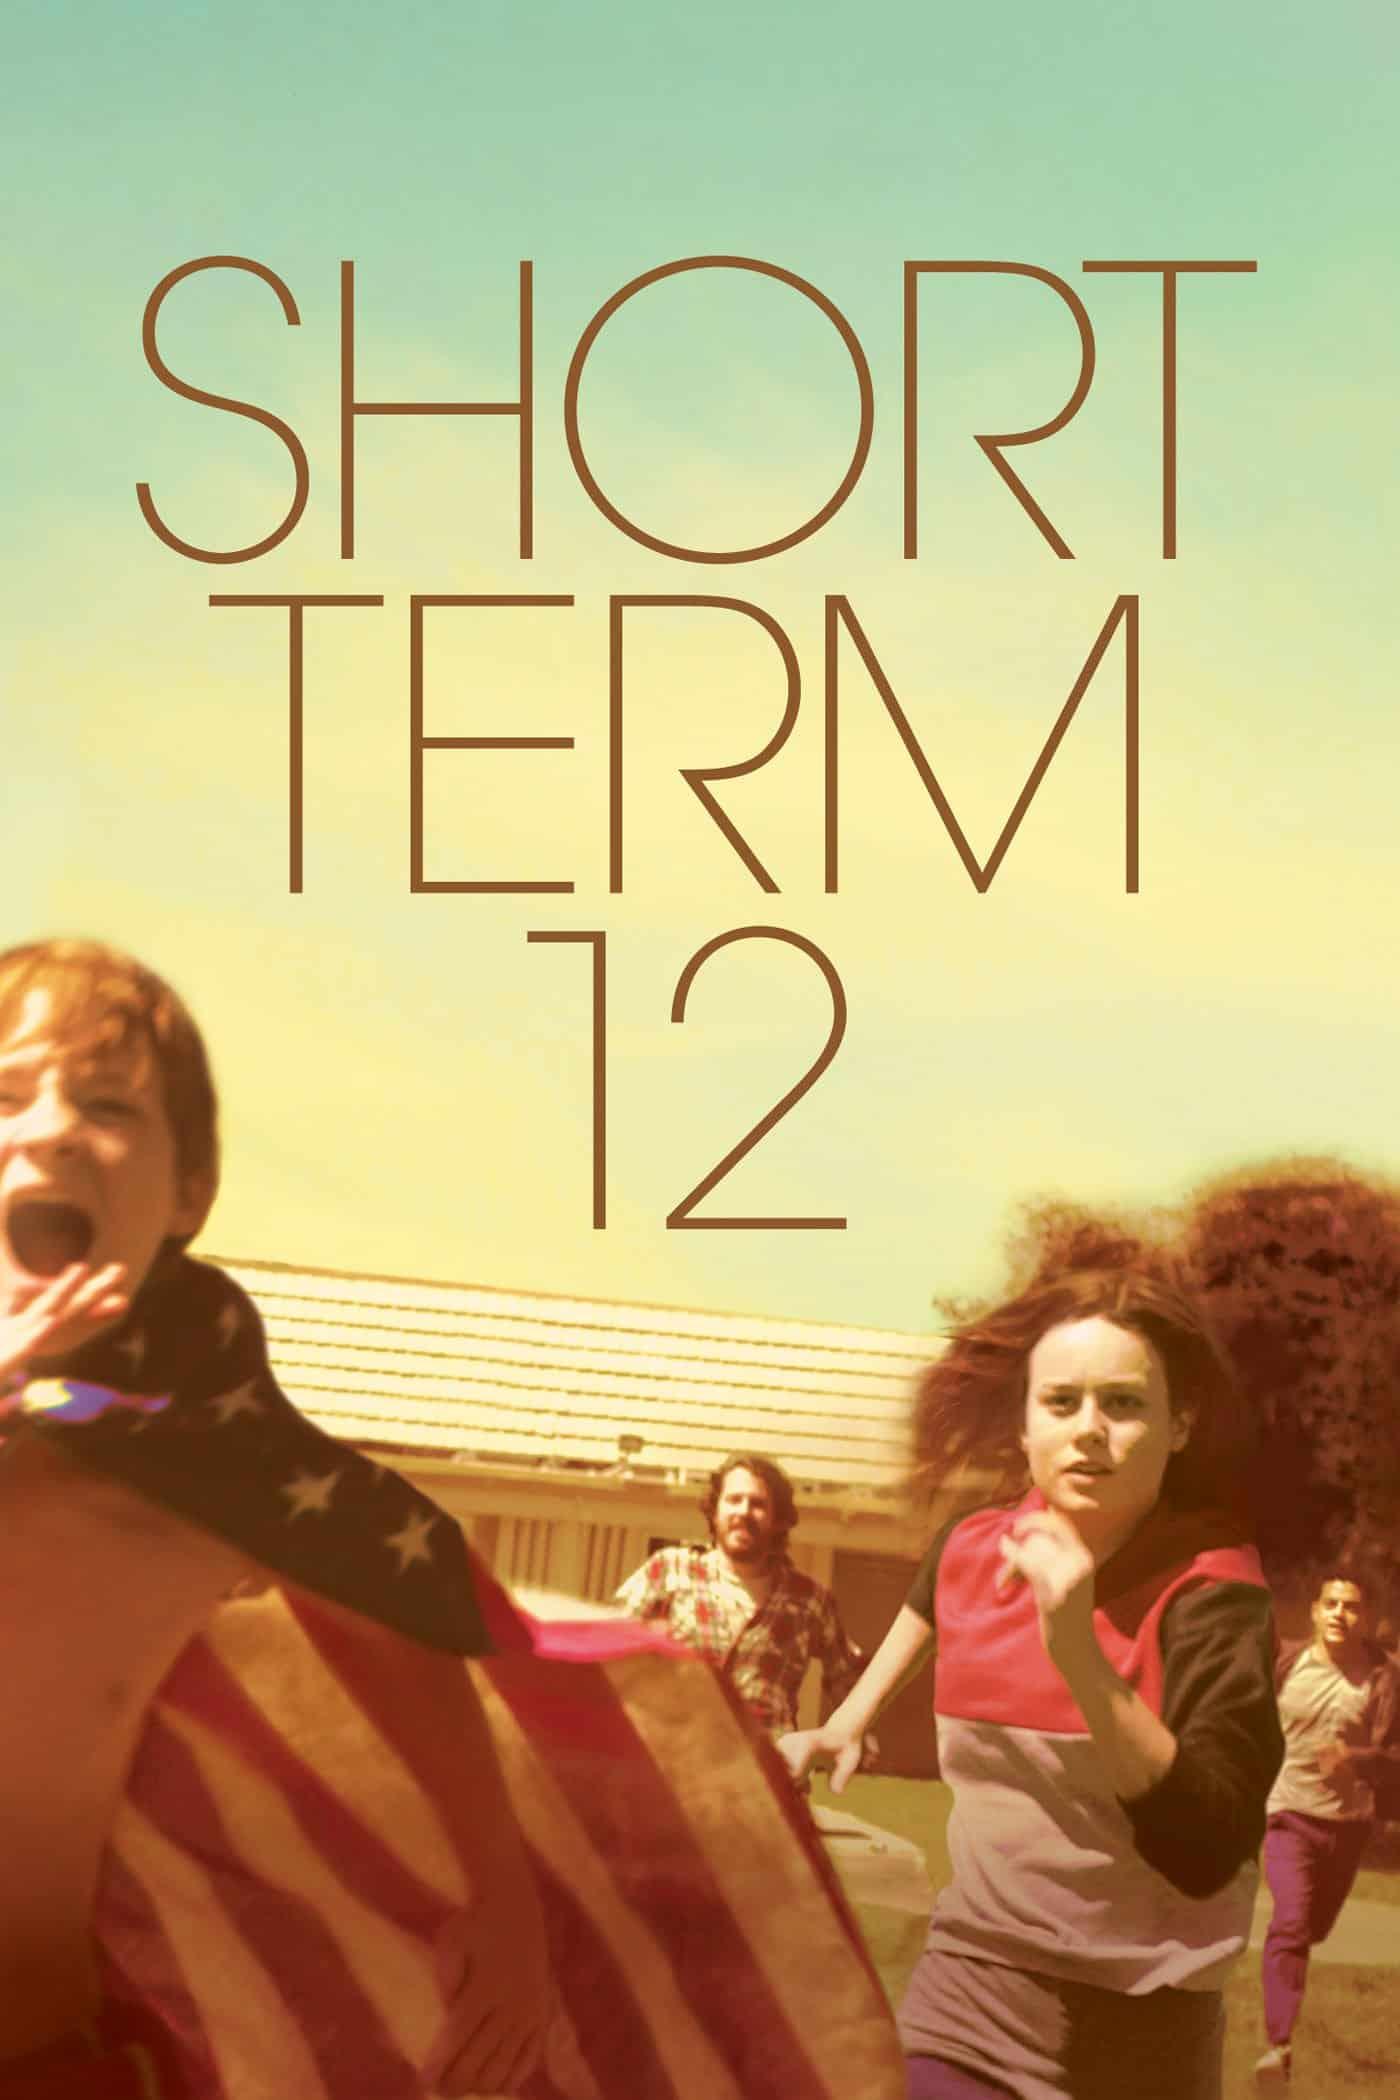 Short Term 12, 2013